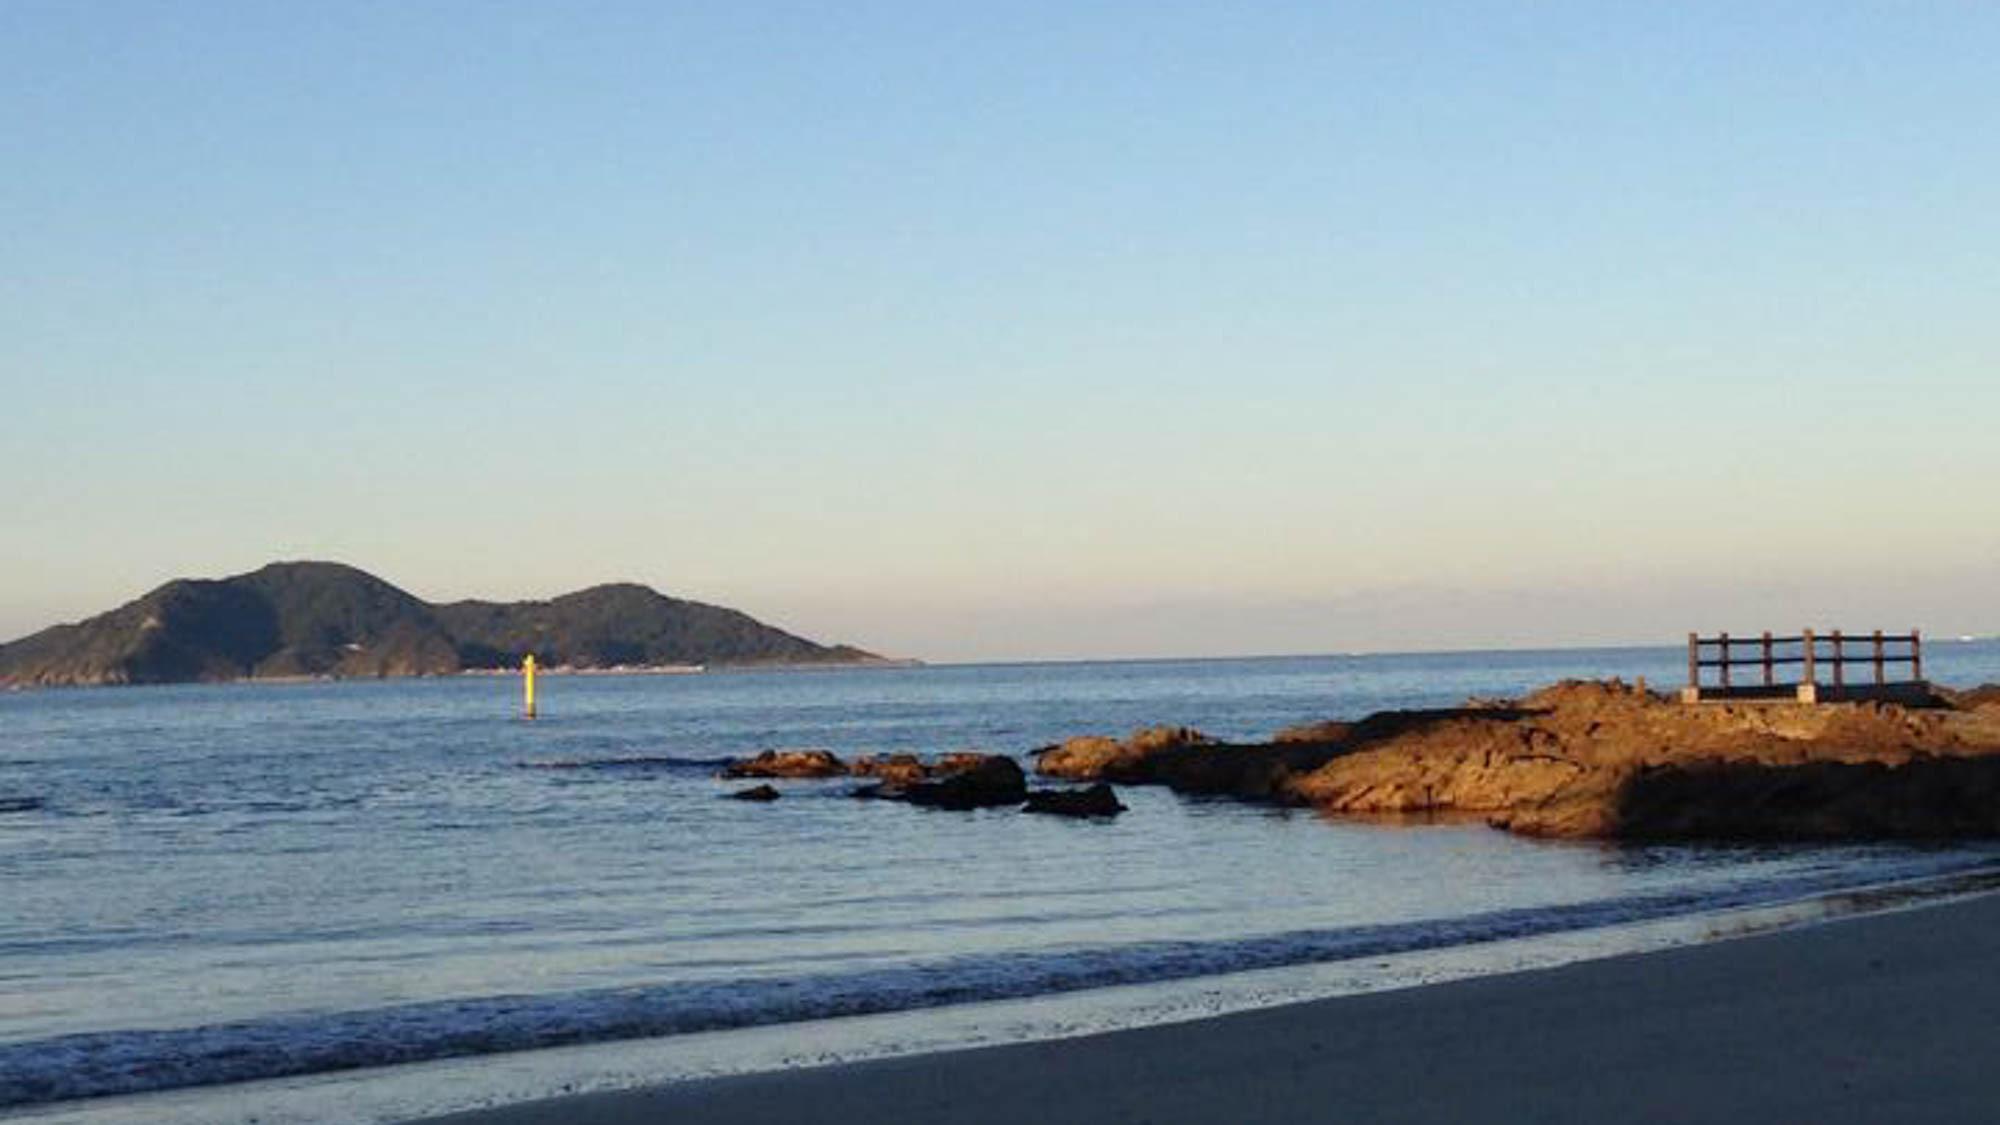 海岸(夕暮れ)絶景の景色を見ながらのウォーキングをお愉しみくださいませ♪